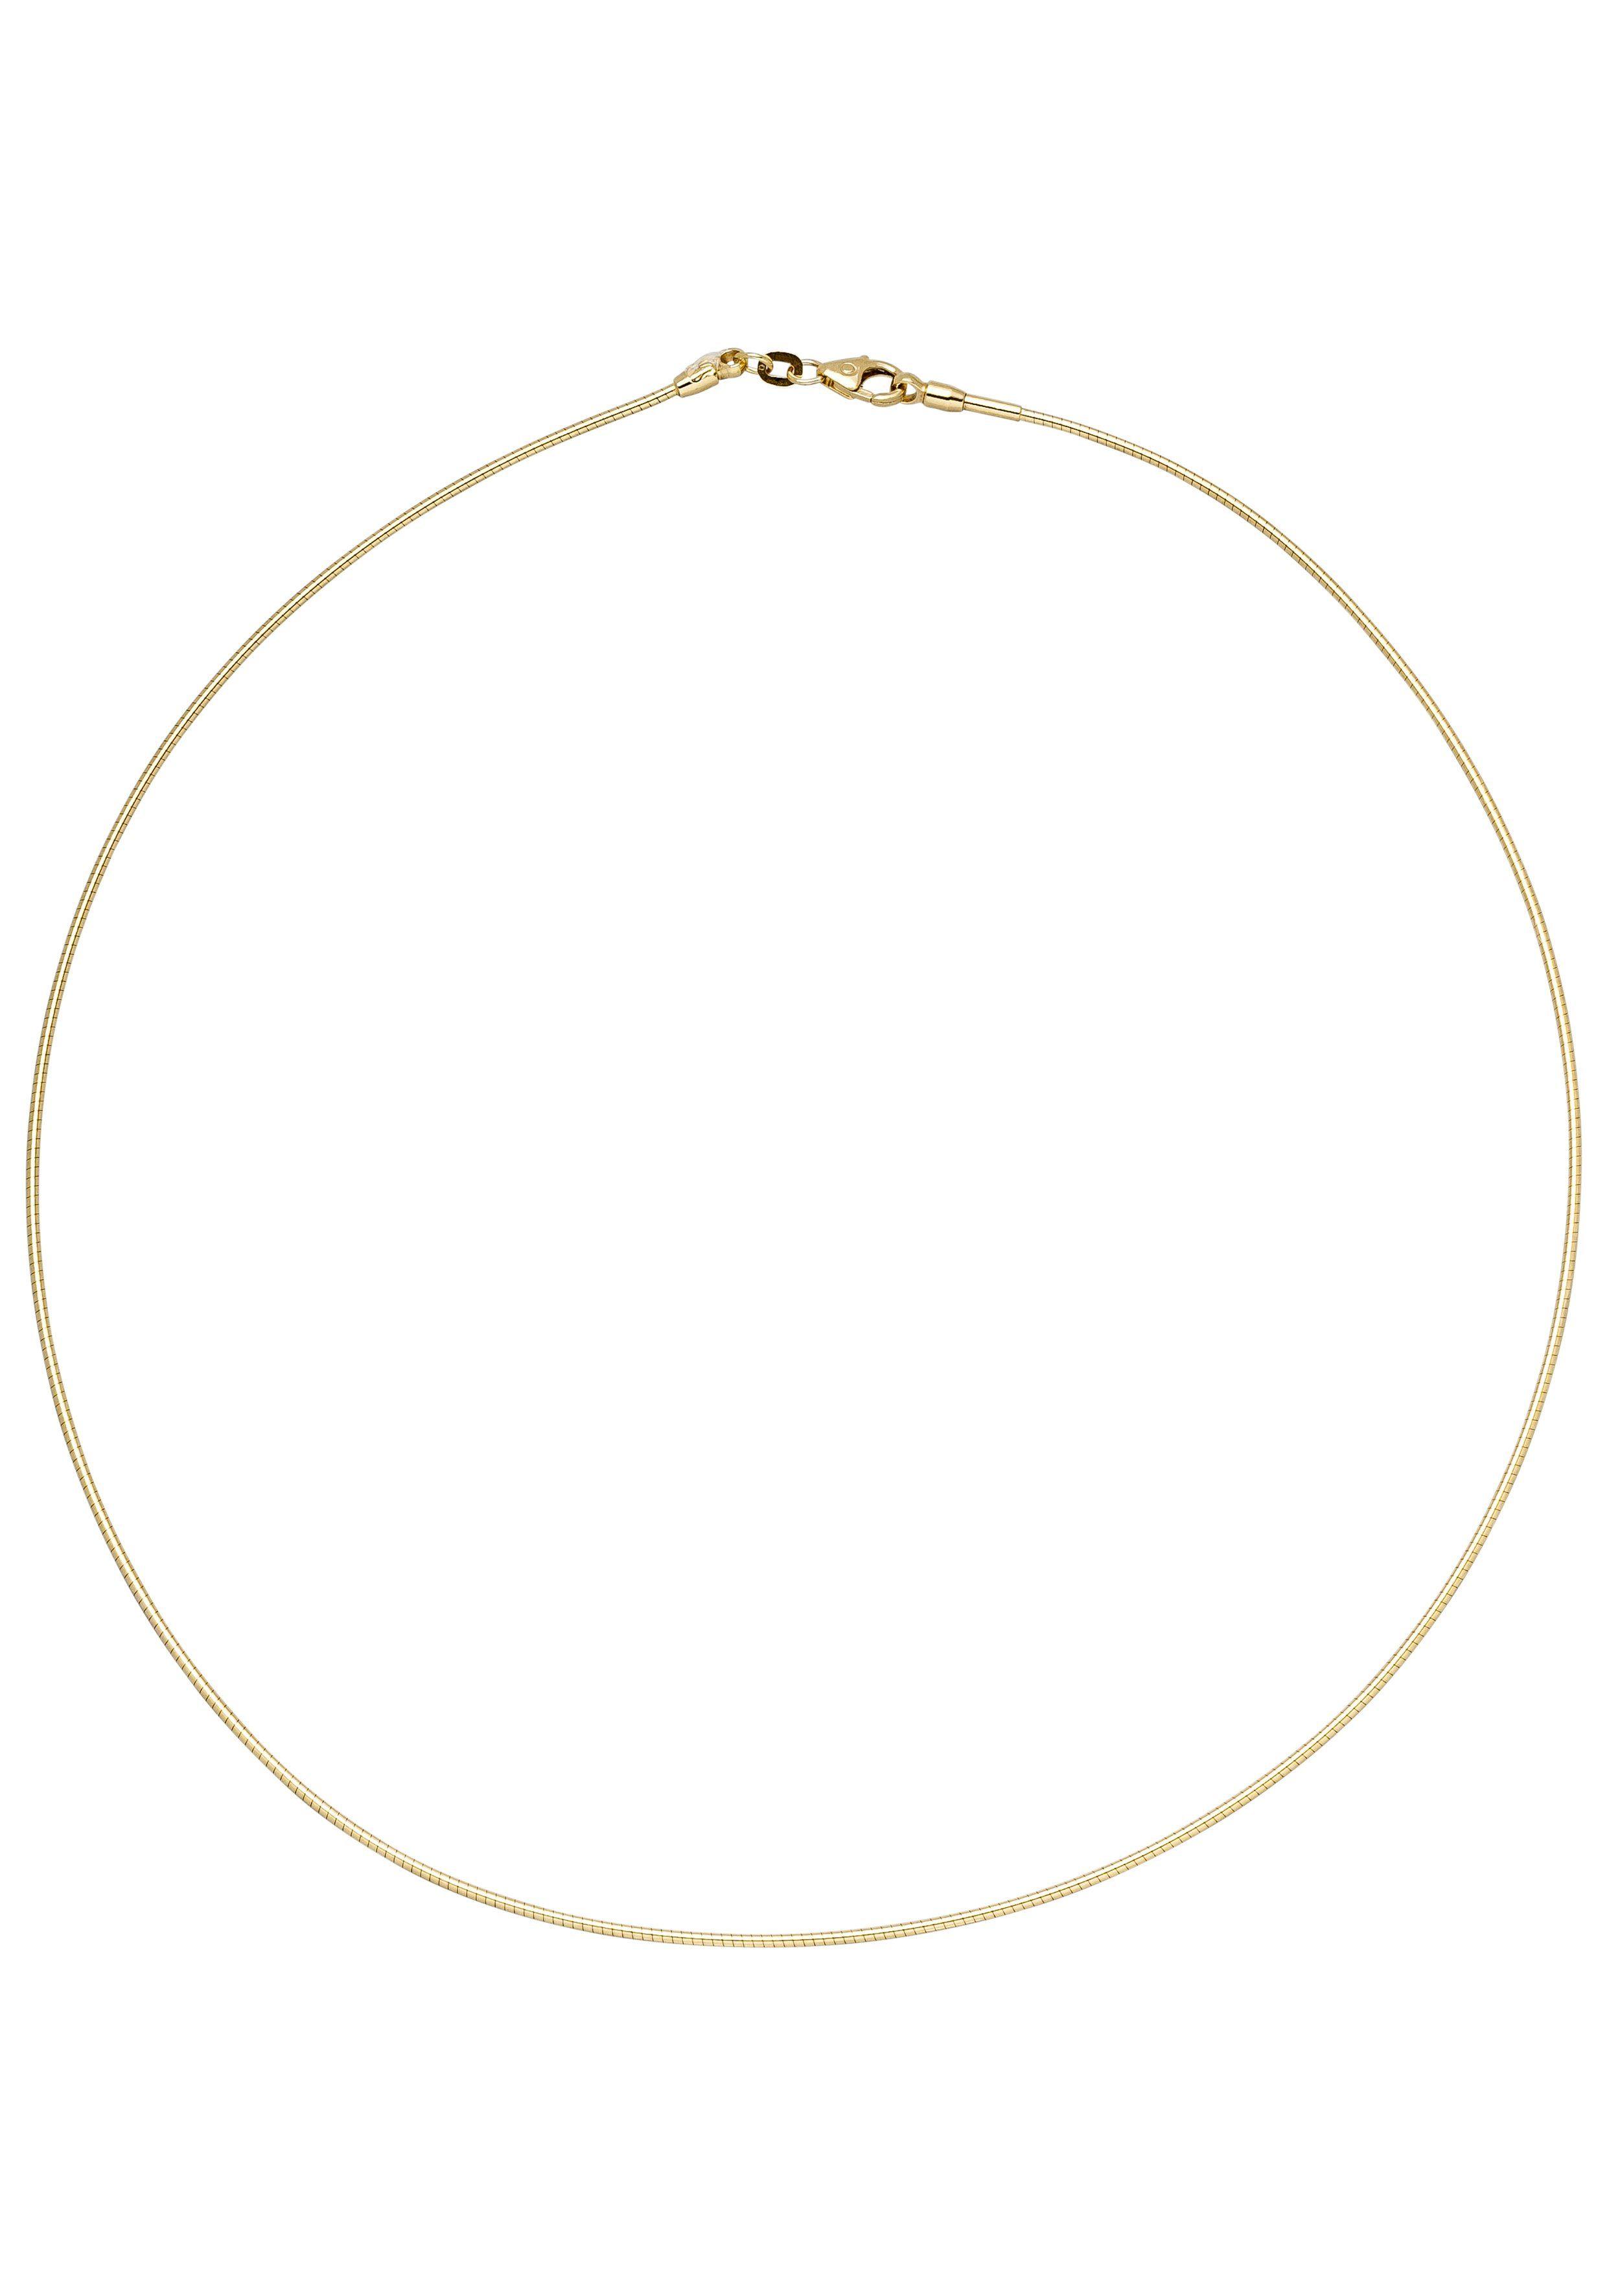 JOBO Halsreif 585 Gold 42 cm 1,1 mm